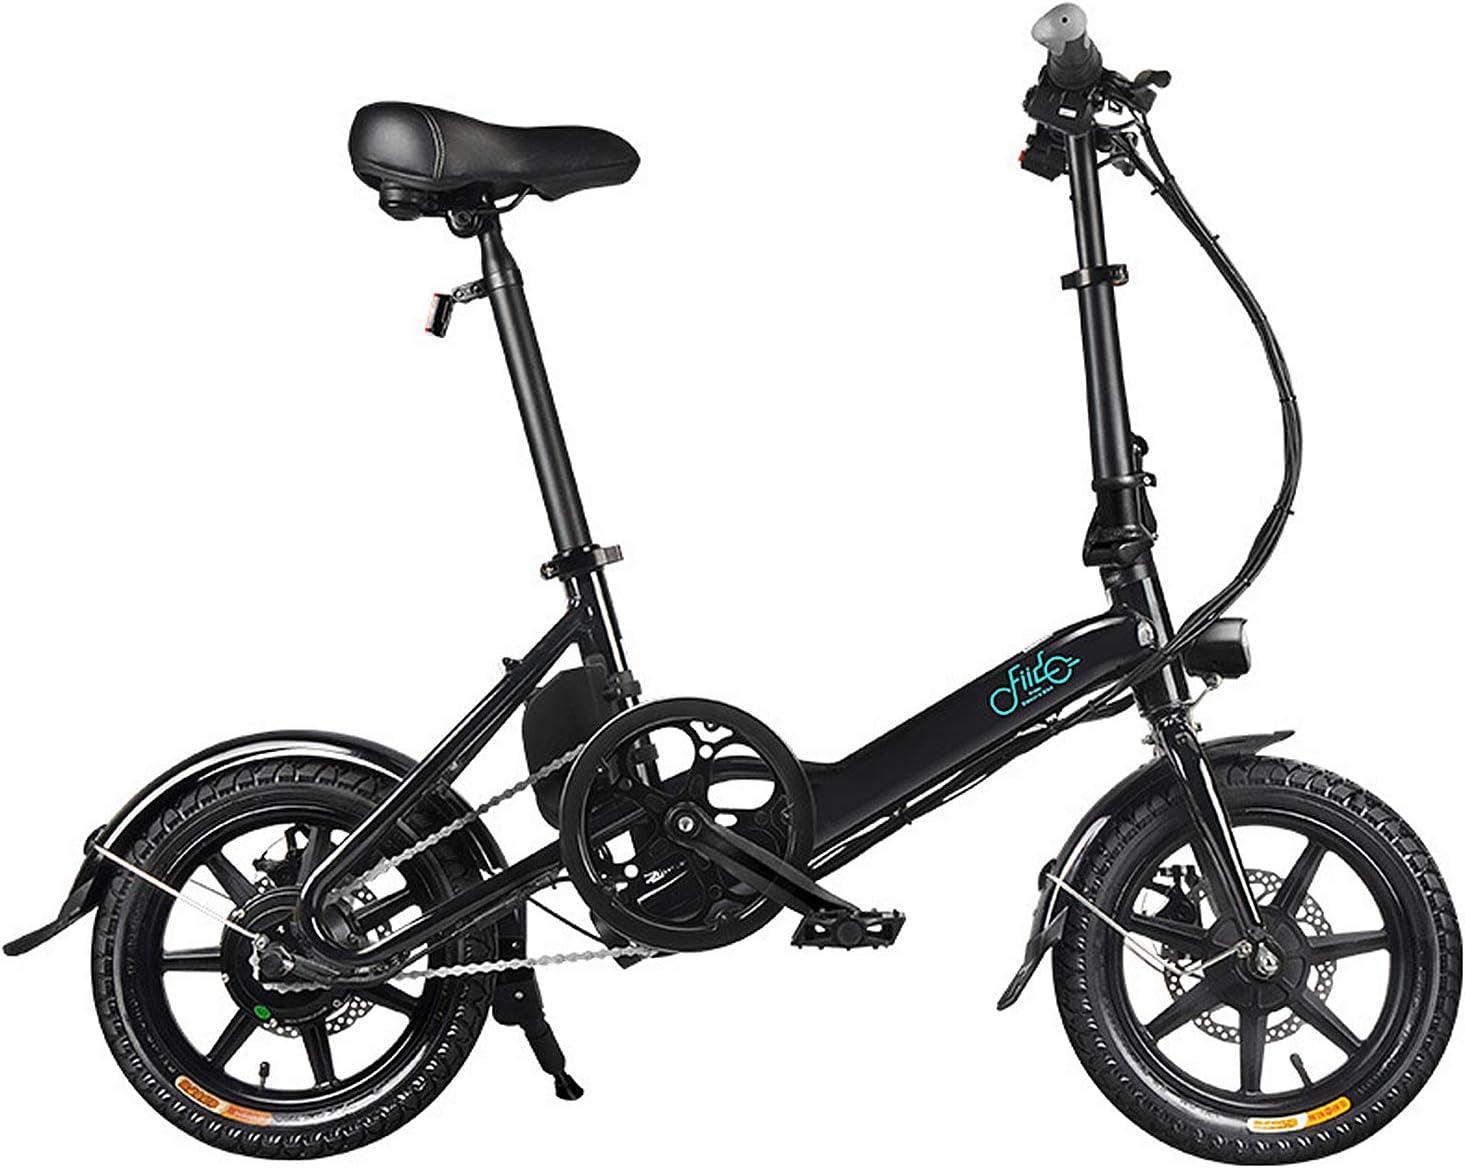 Bicicleta Eléctrica Plegable Bicicleta Plegable Señora, 250W Ligero Ajustable E-Bici con Los Faros Y La Exhibición De LED con 3 Modos De Montar A Caballo Velocidad Máxima 25 Kmh,Negro,36V 7.5Ah